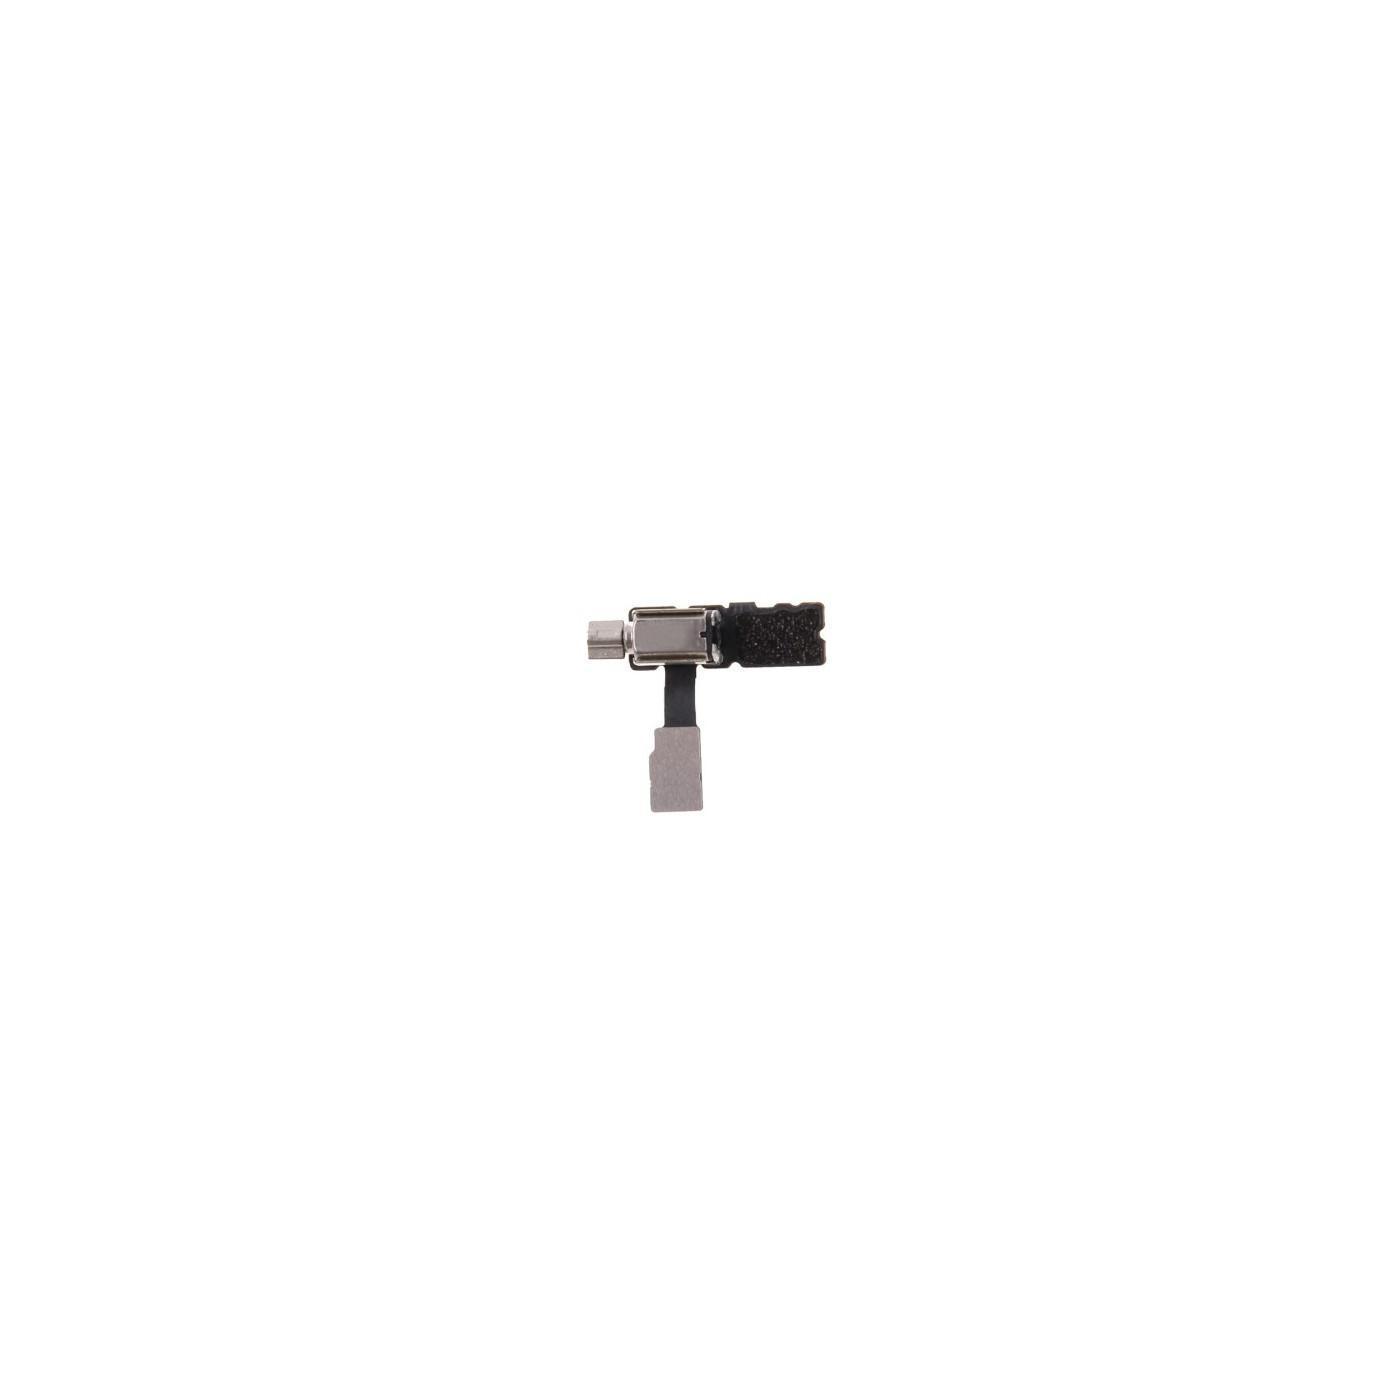 Moteur de vibration de remplacement pour scooter Huawei P8